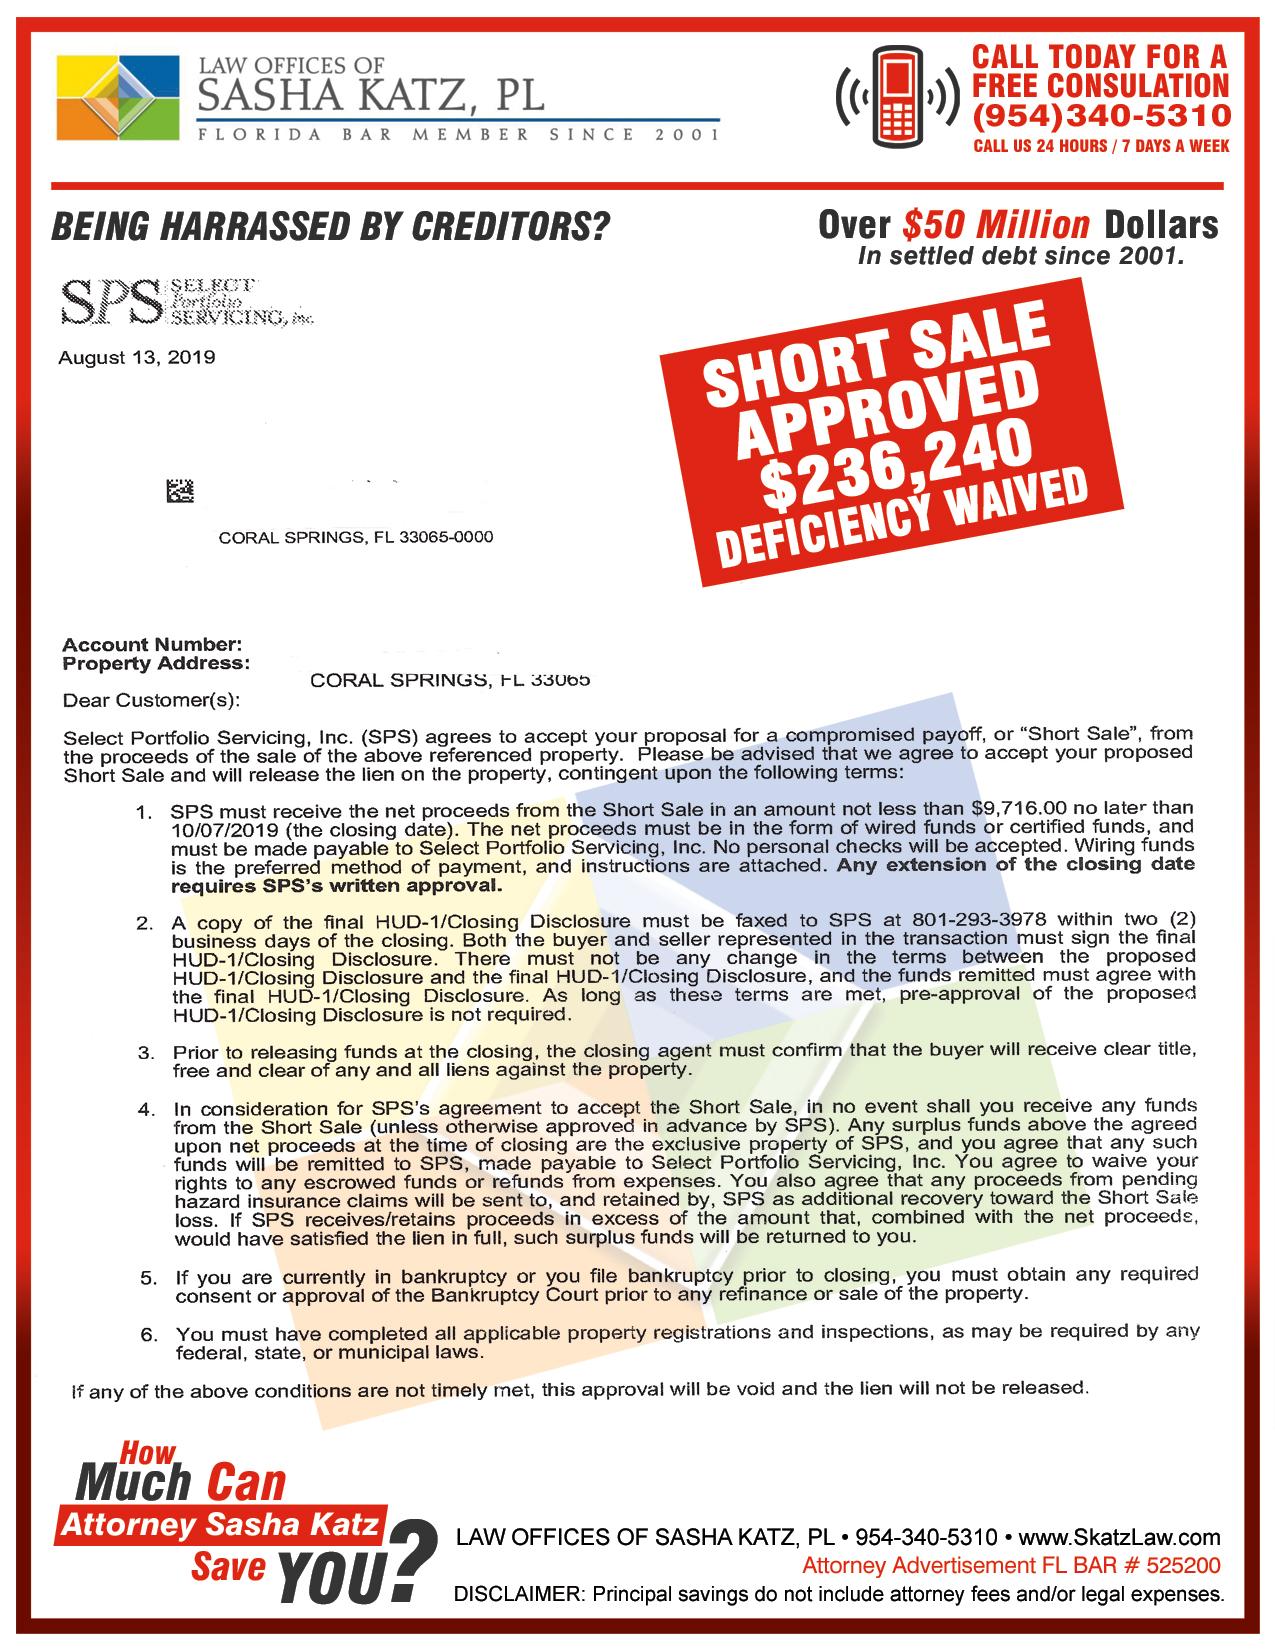 settlement_letter27_2020